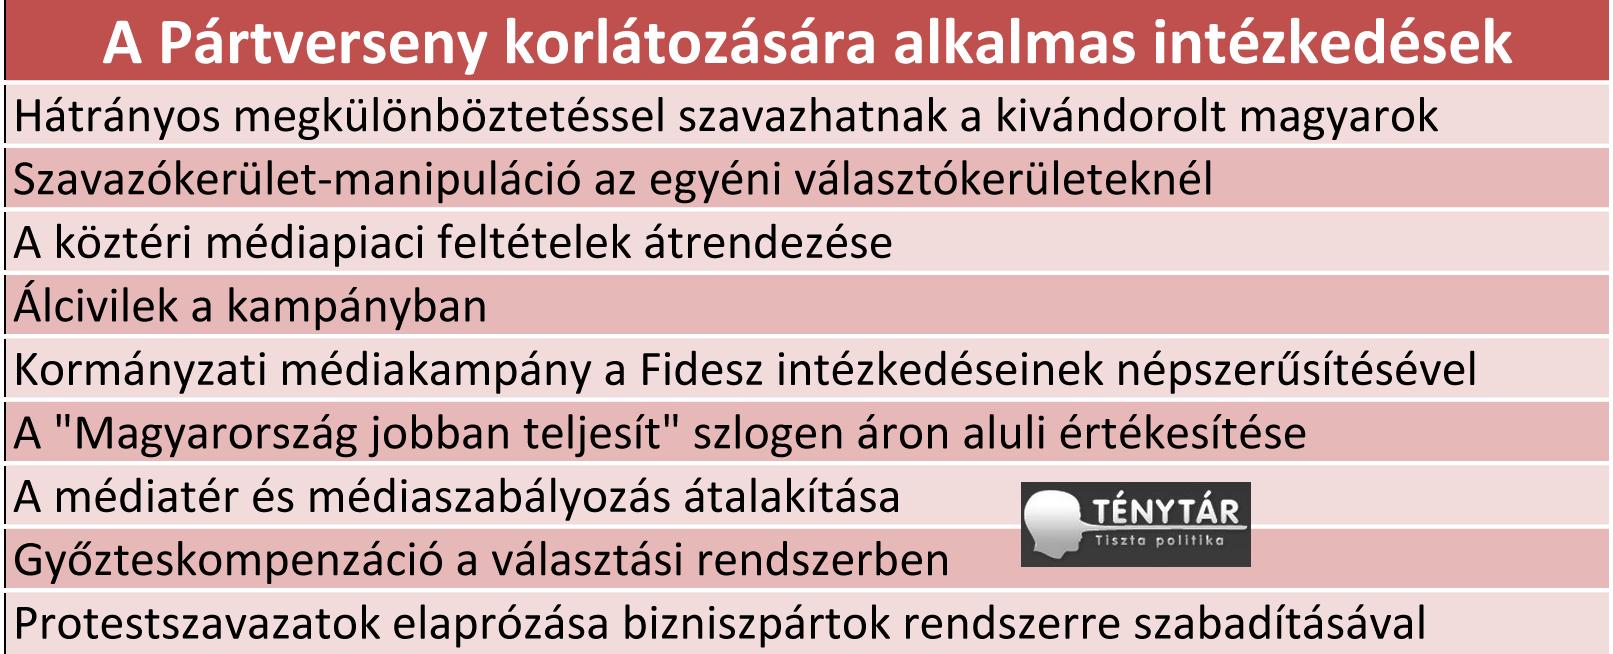 partvkorl.png